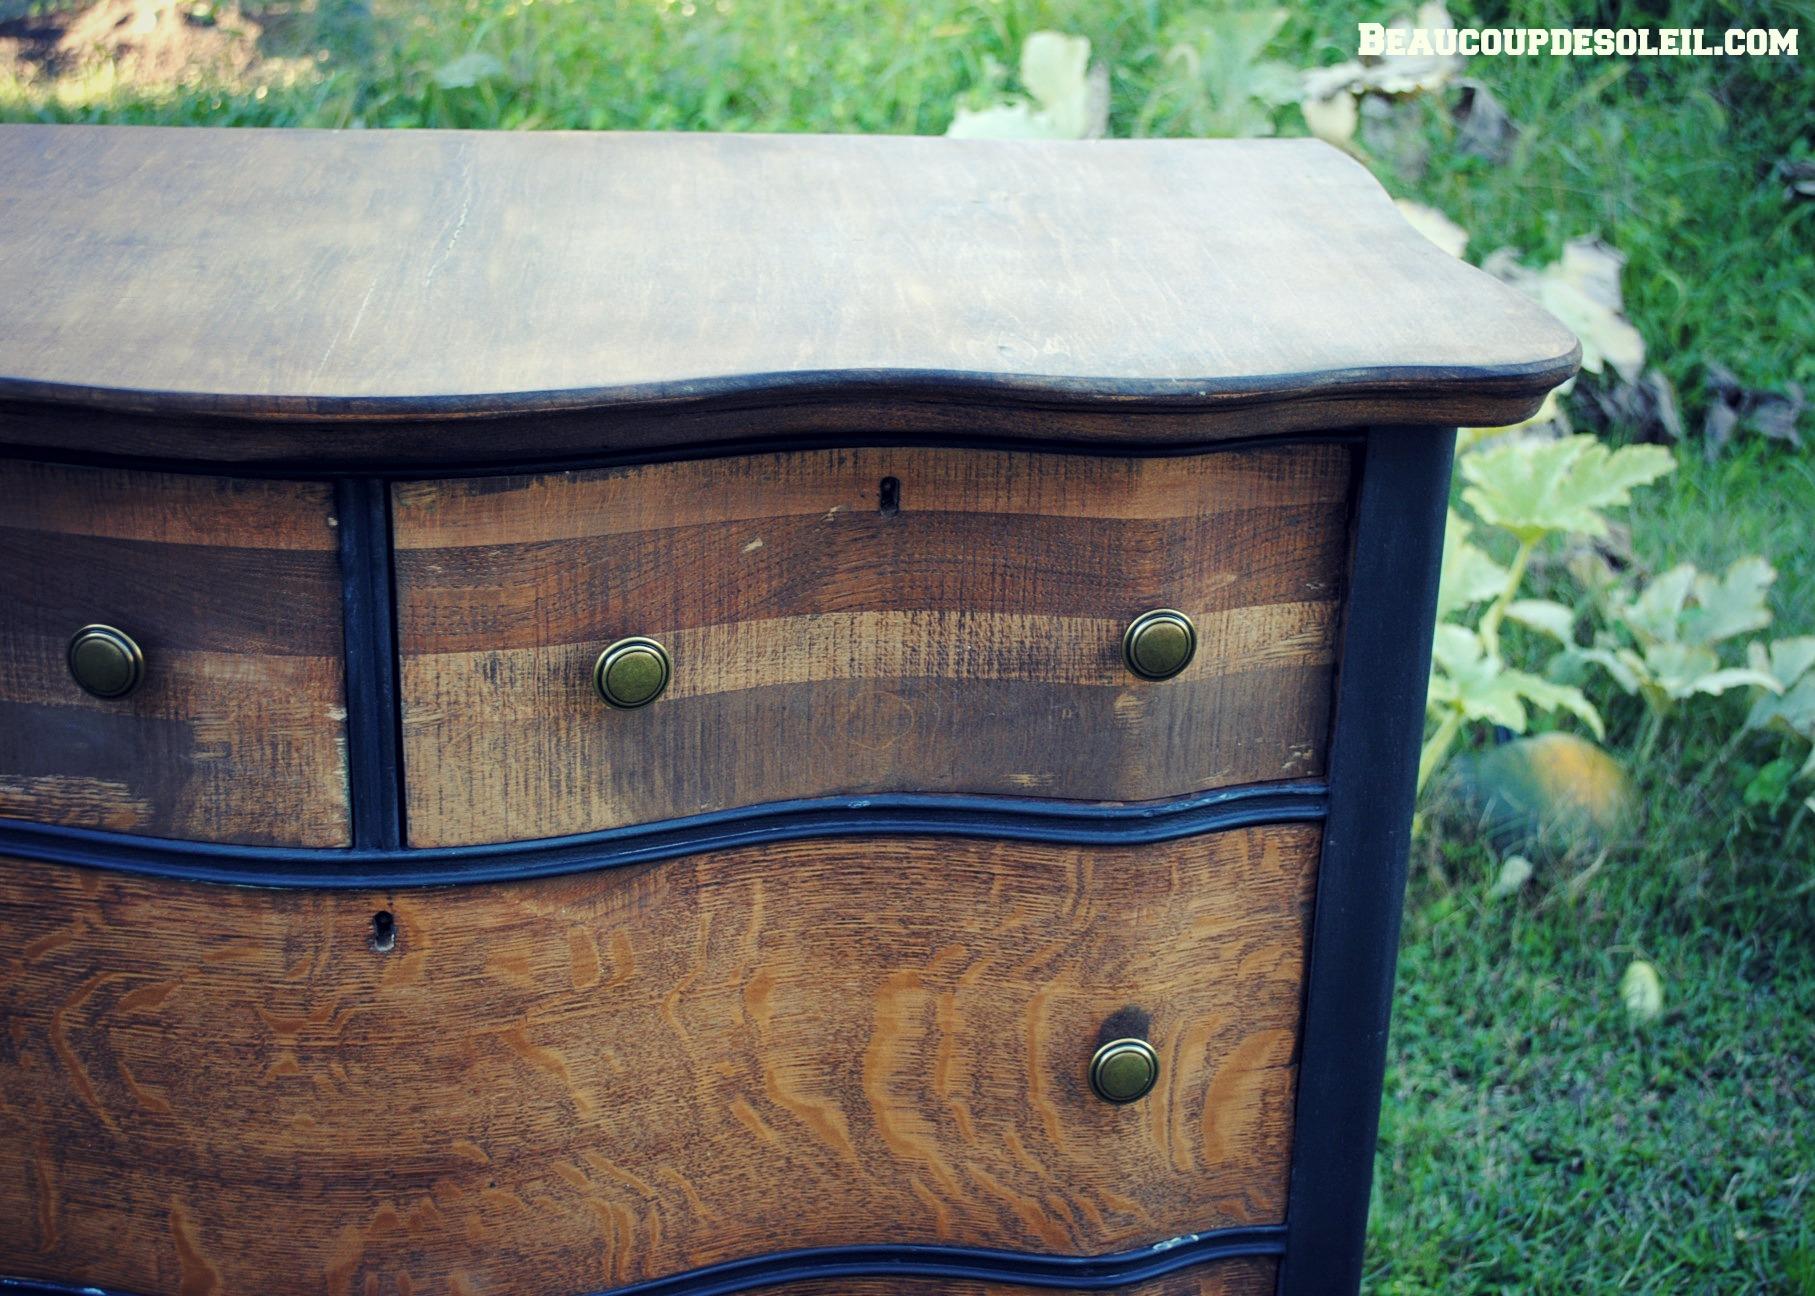 Self Adhesive Wood Veneer Edging Workbench Tops For Sale